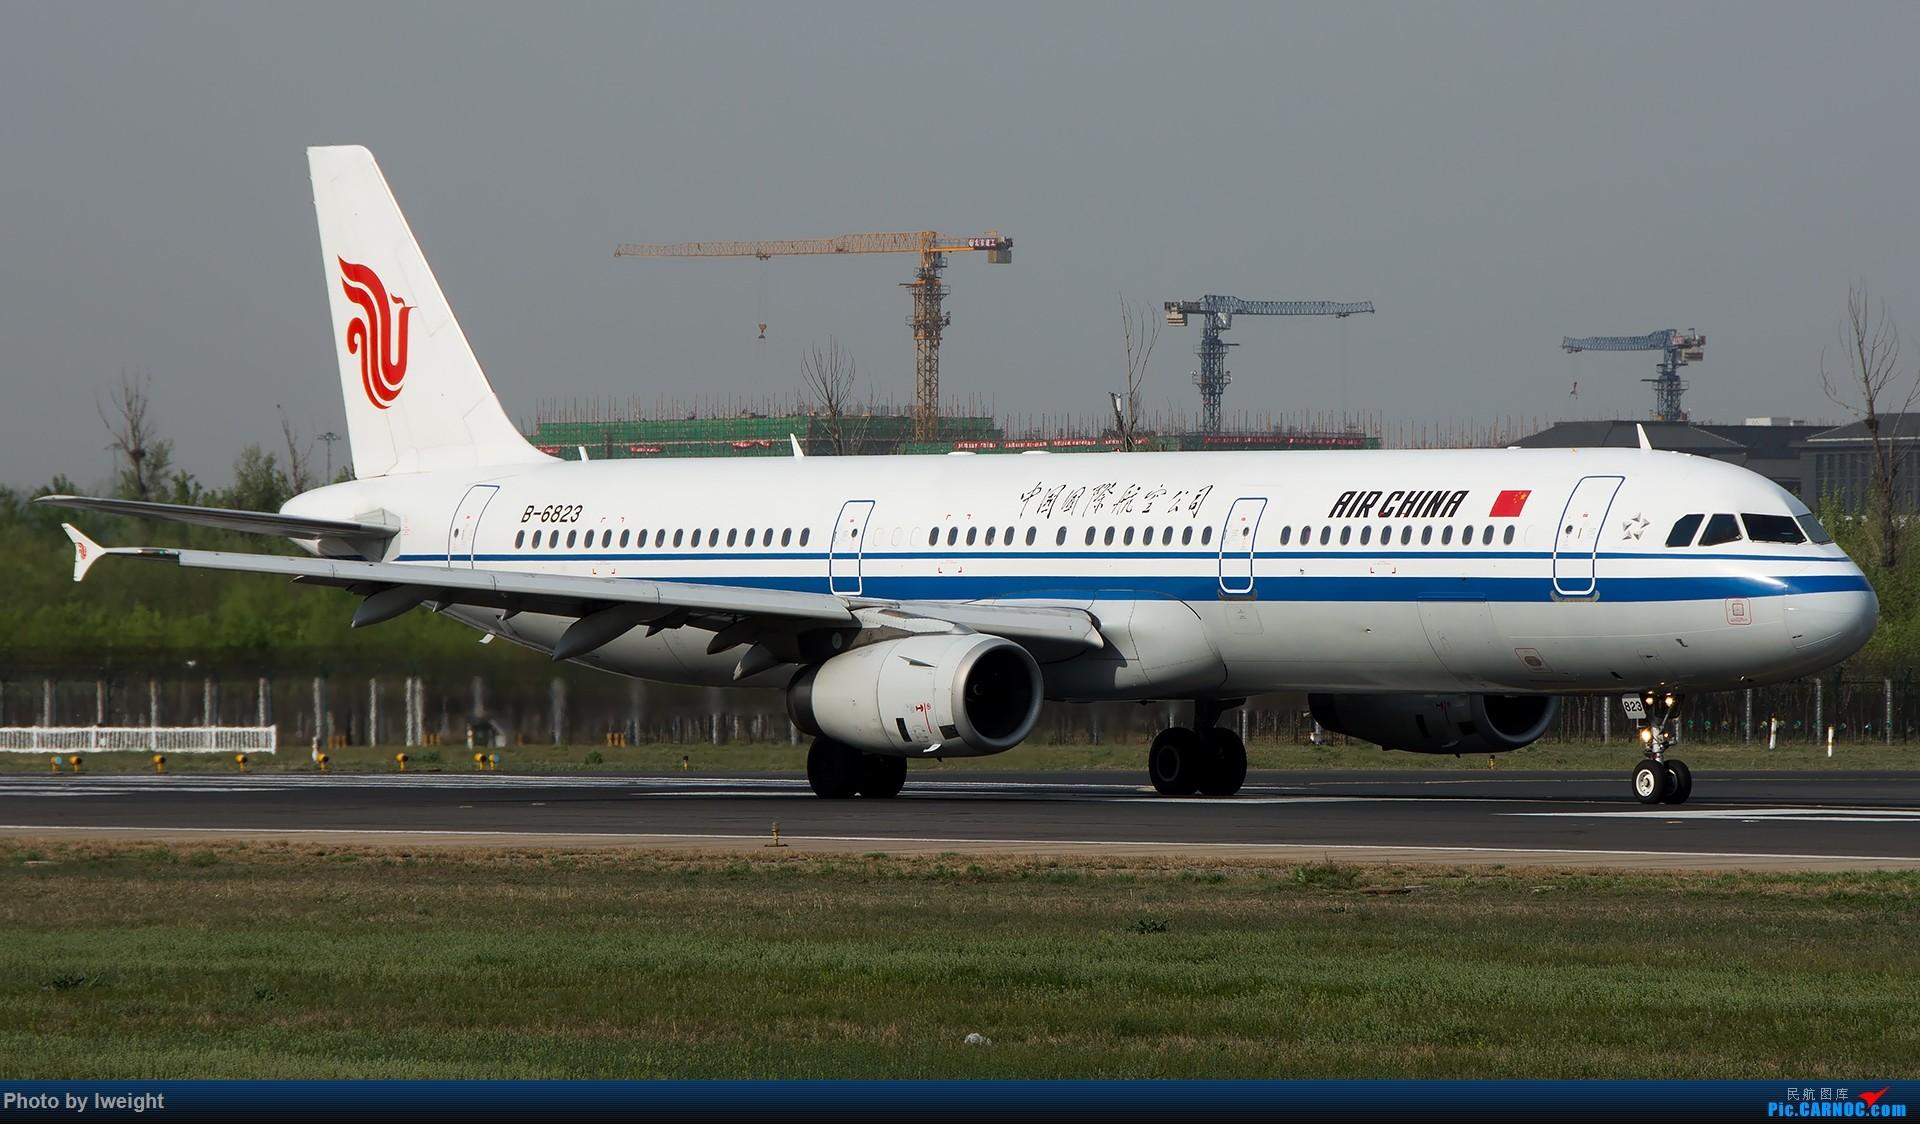 Re:[原创]天气晴朗,继续守候18R【多图】 AIRBUS A321-200 B-6823 中国北京首都国际机场